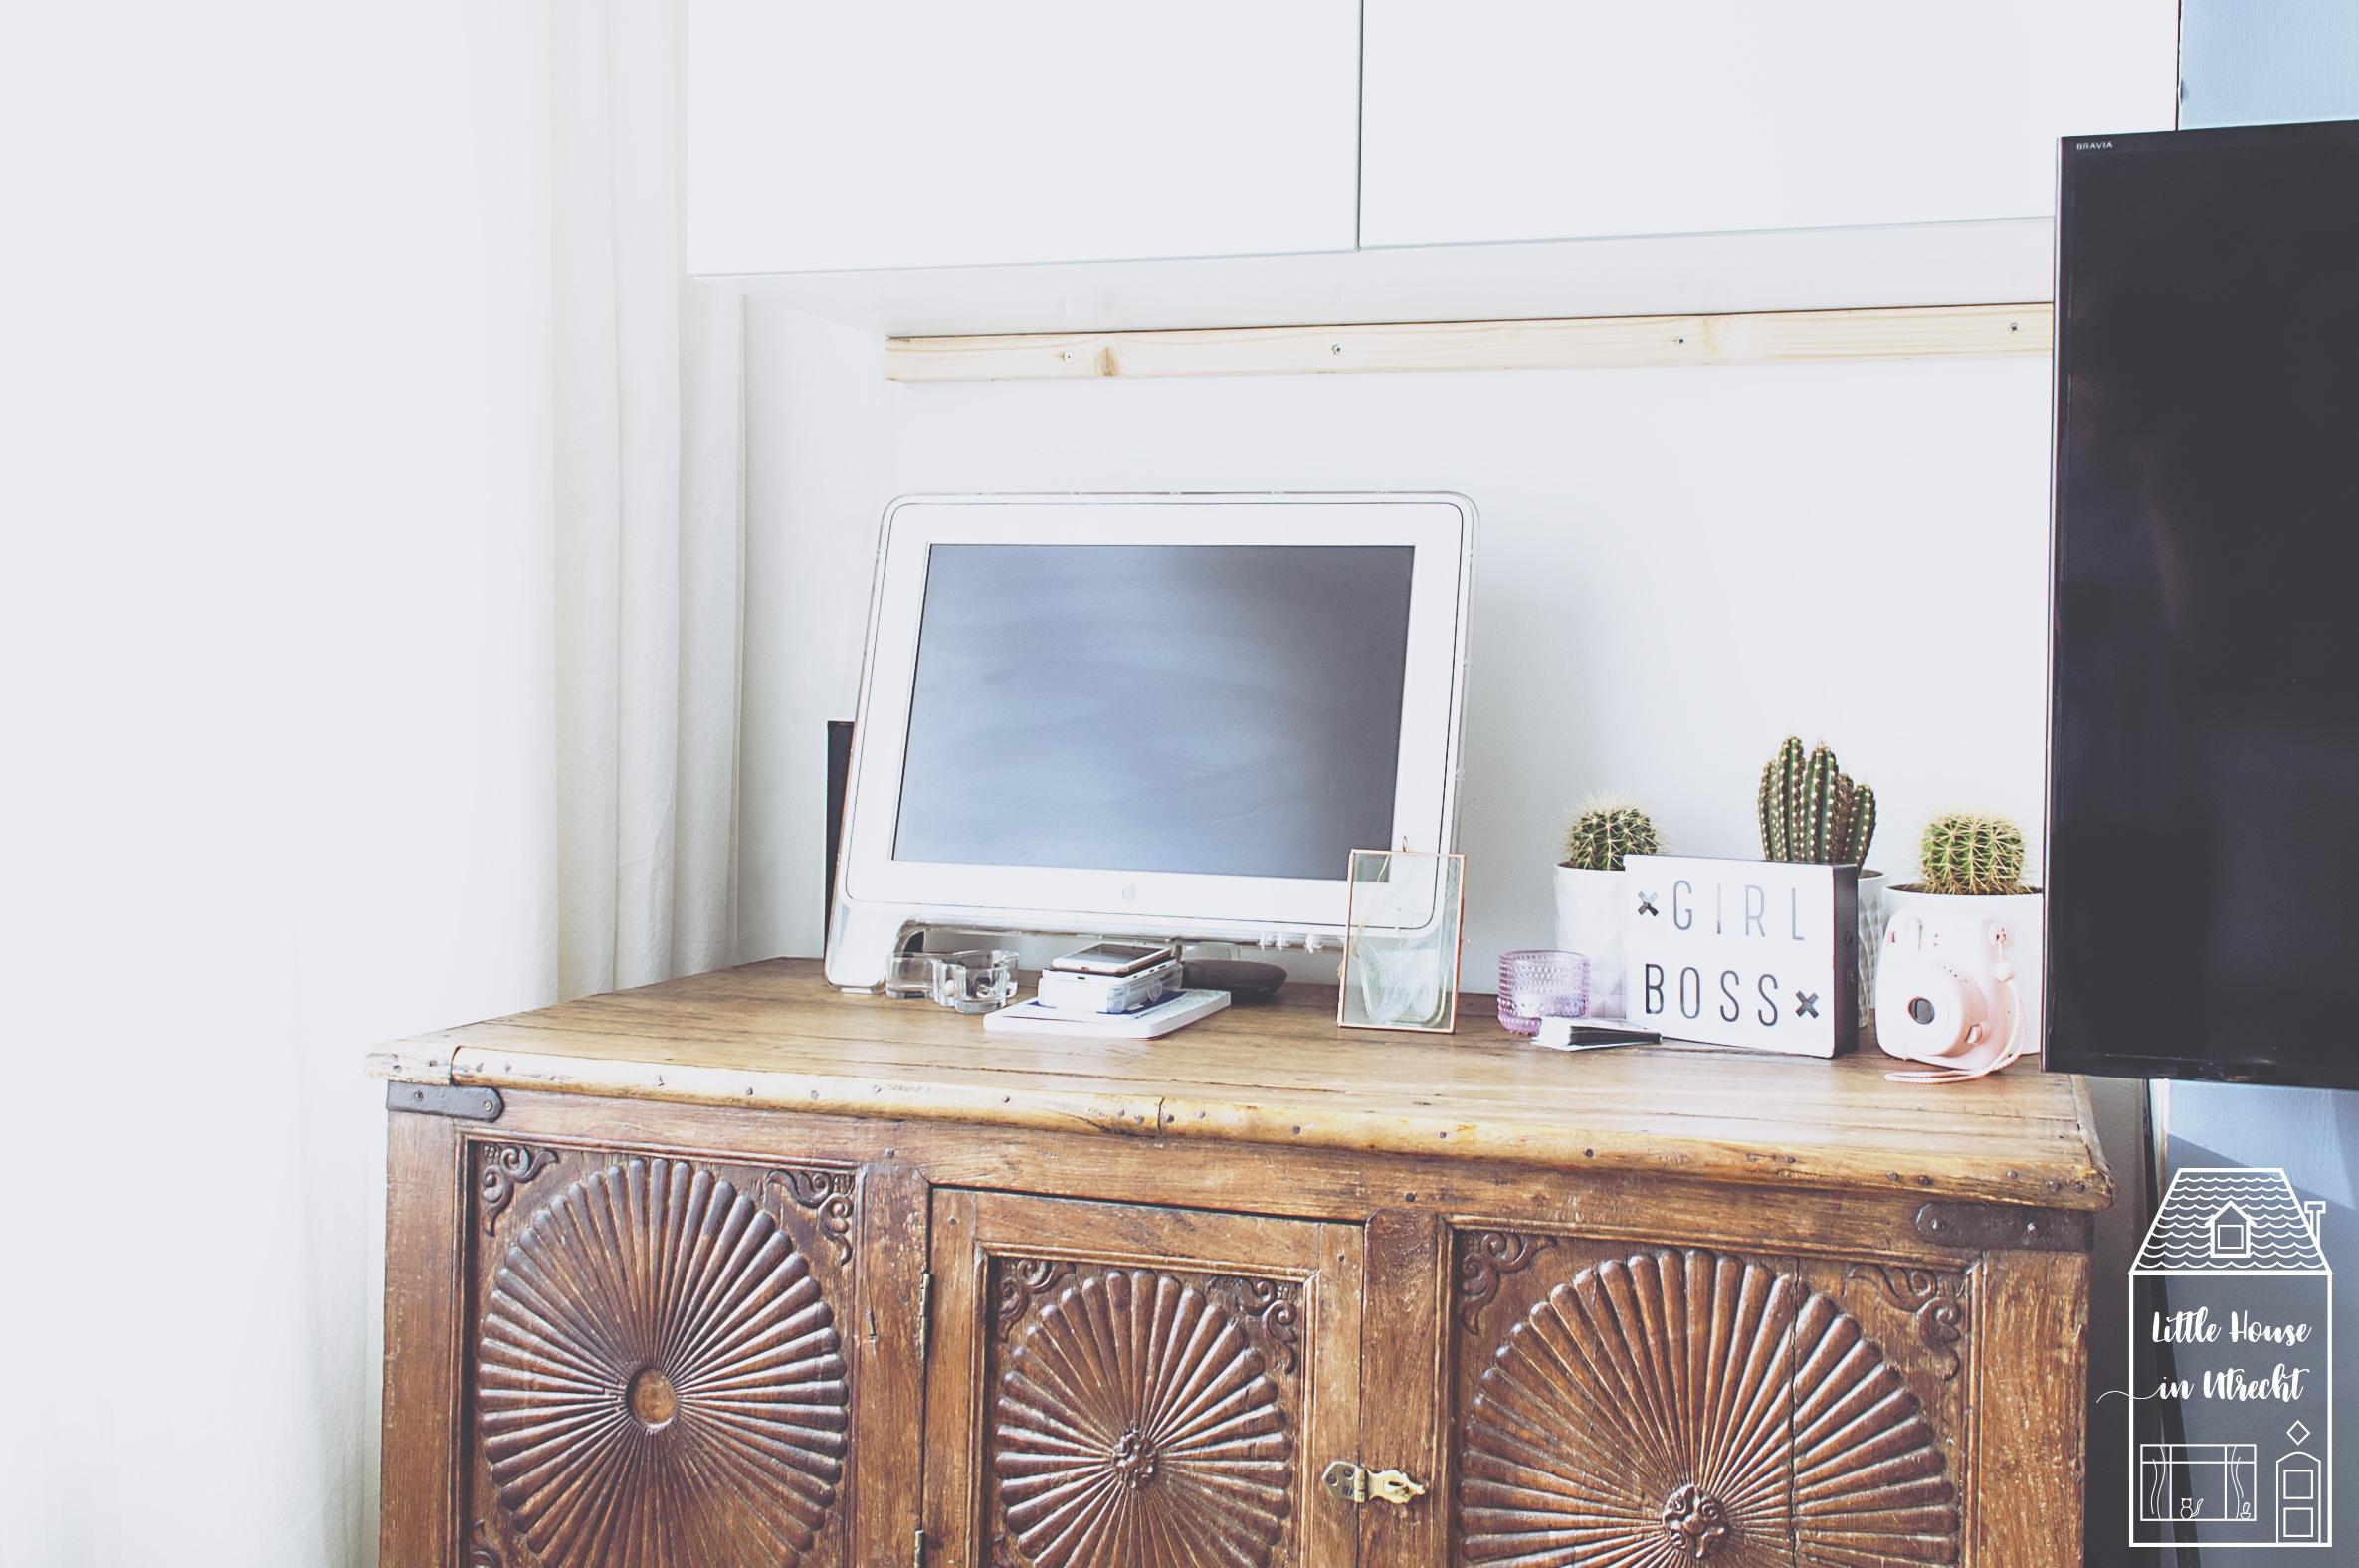 girl boss, light box, antique dresser, scandinavian bohemian